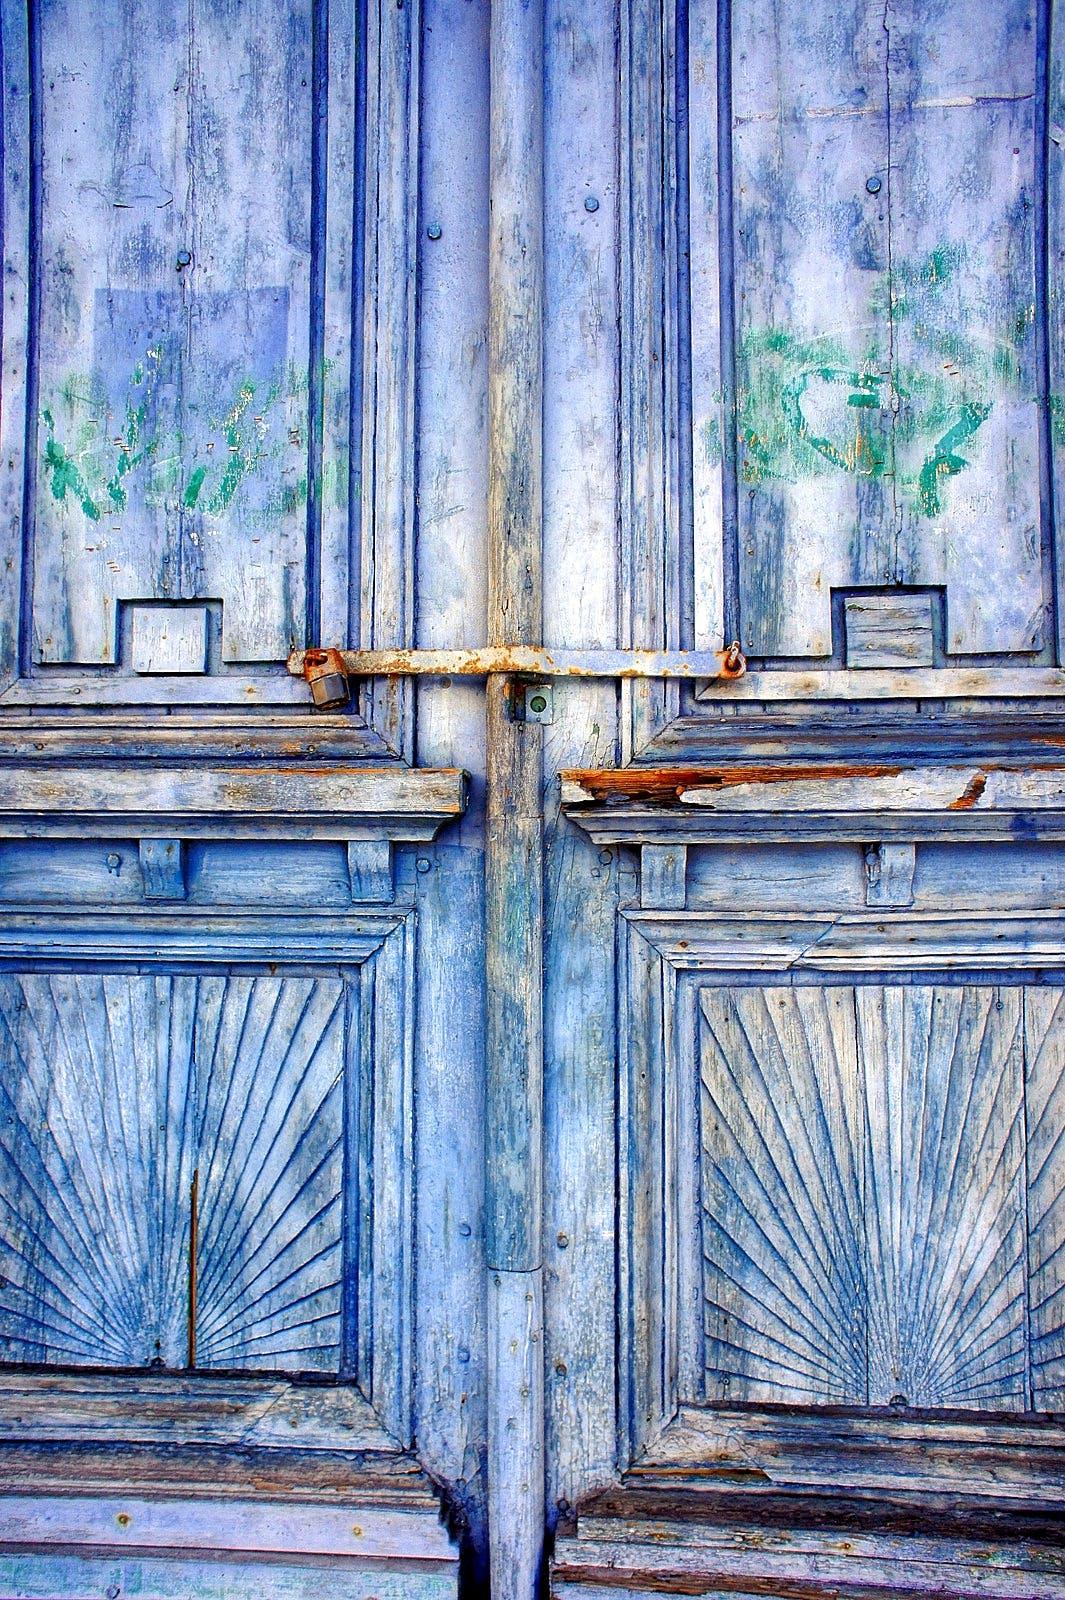 さびた, さびれた, アンティーク, ドアの無料の写真素材